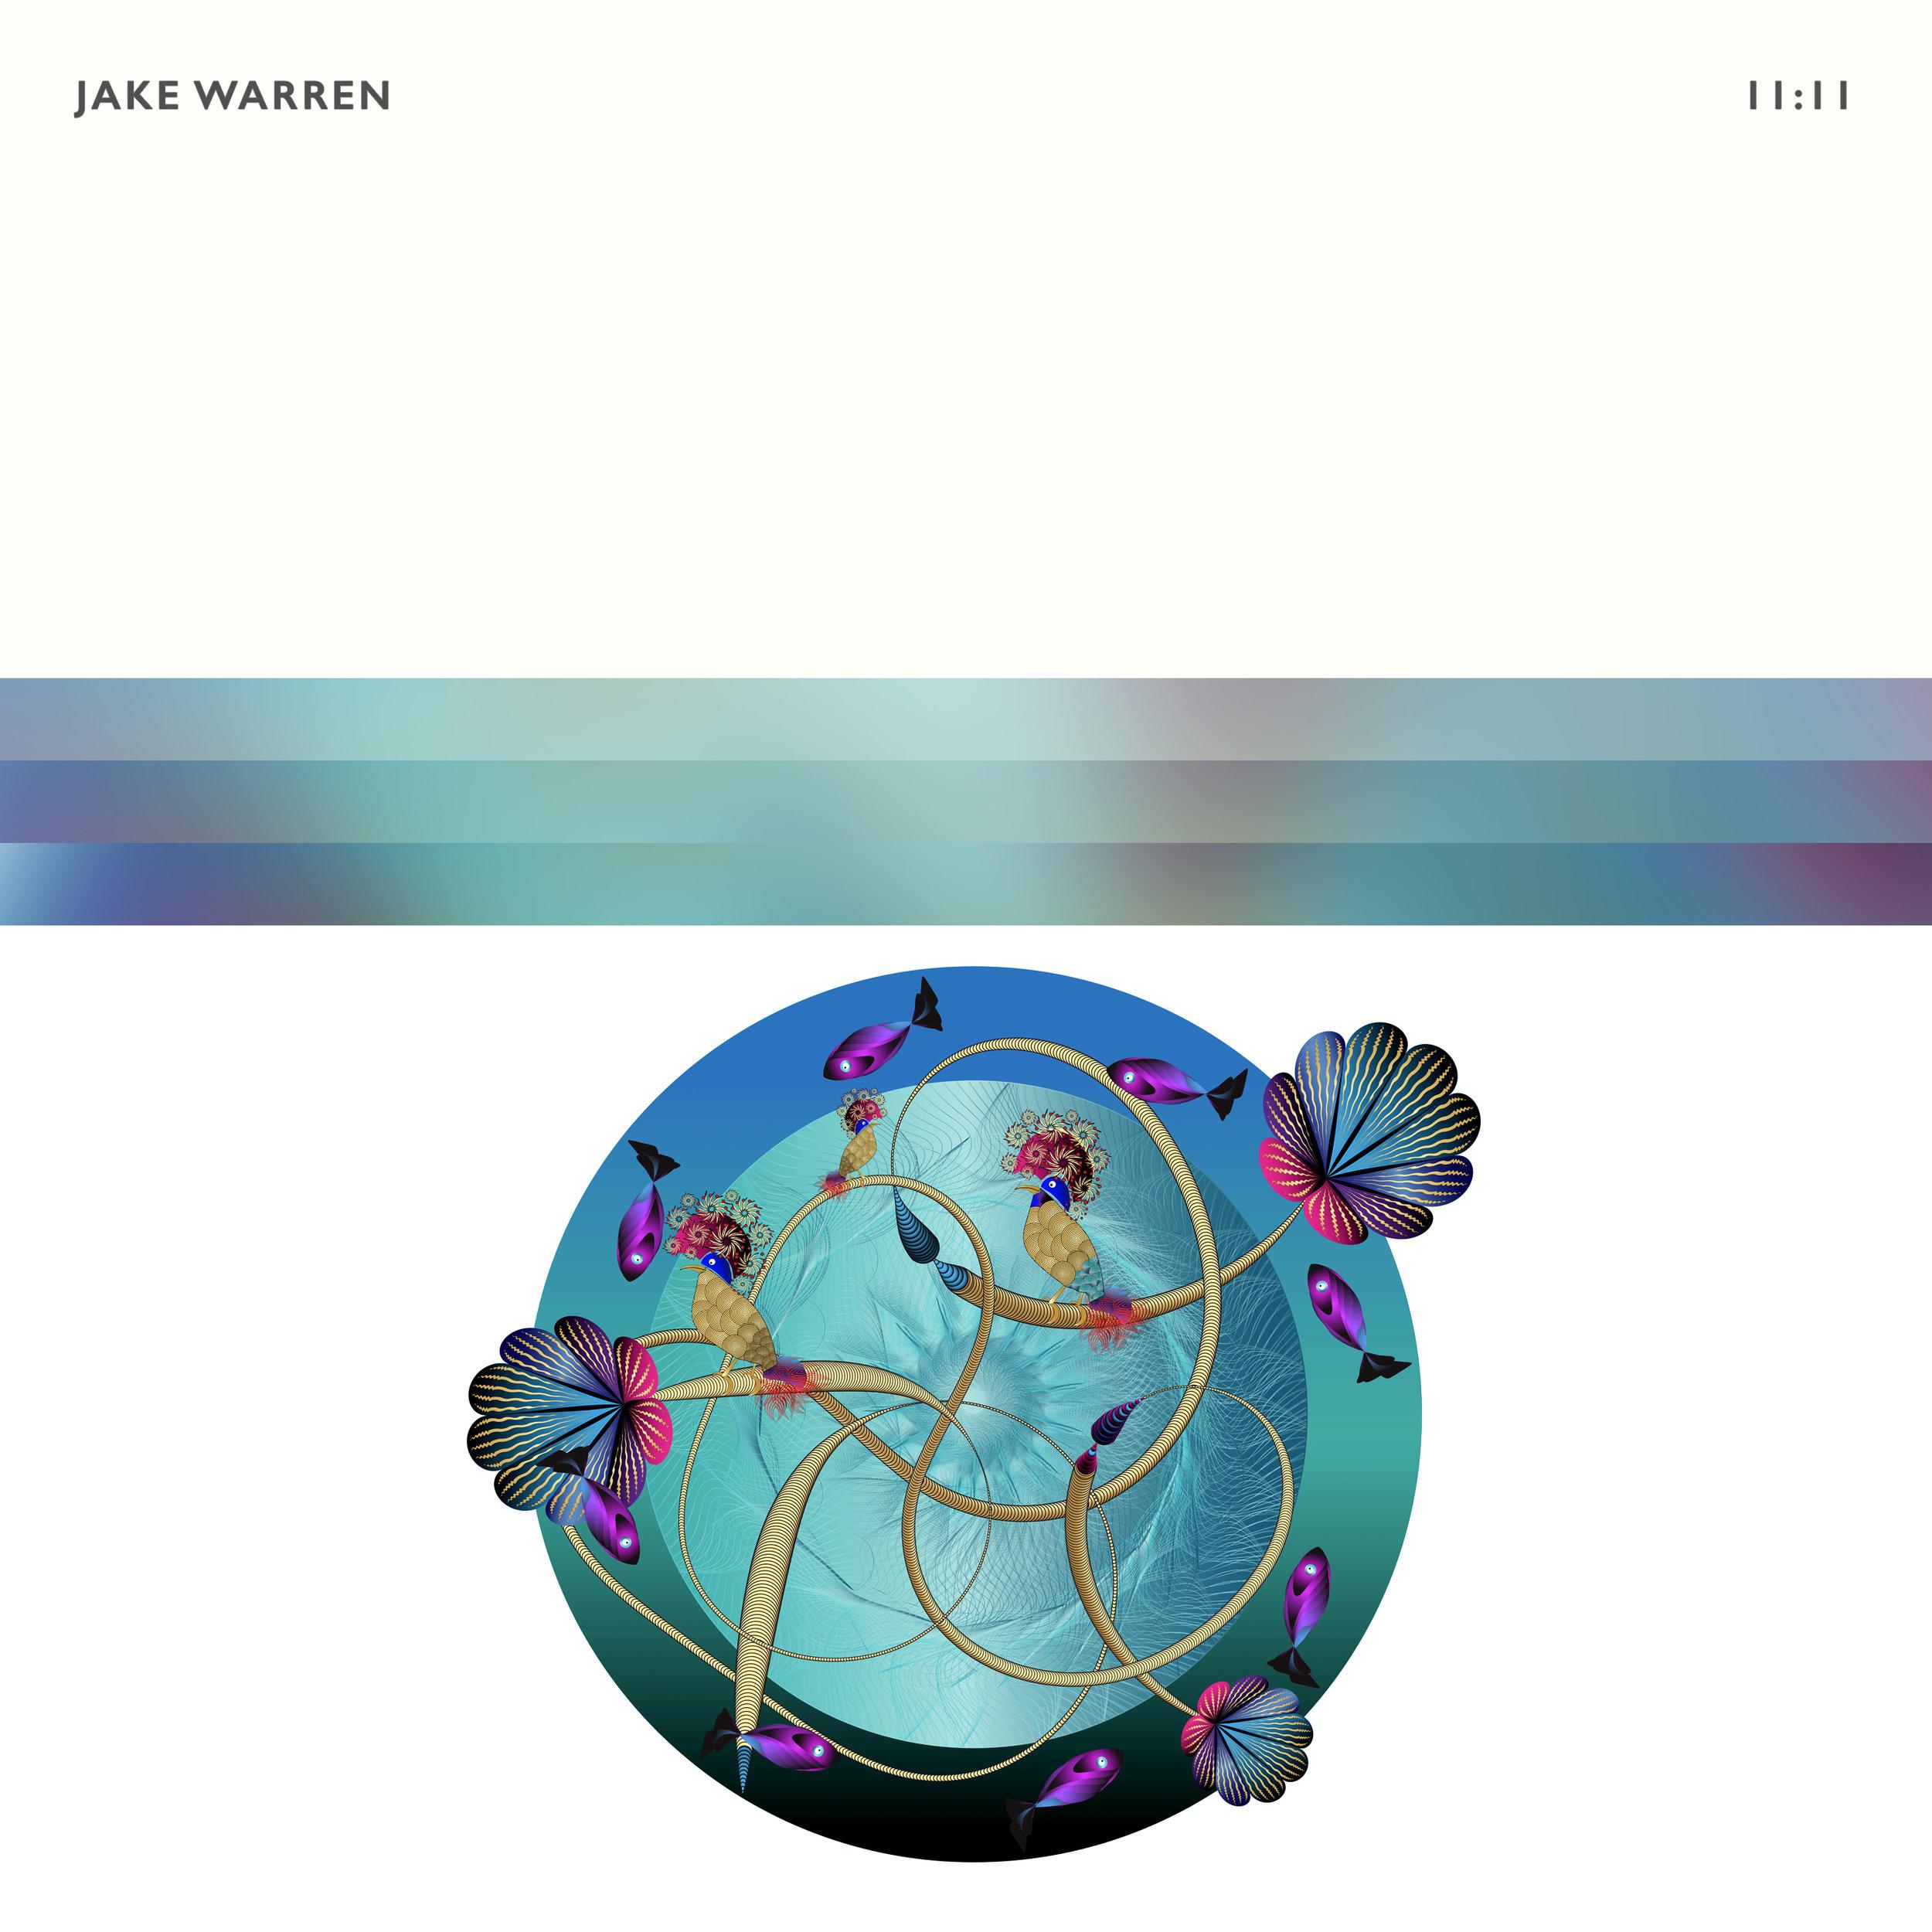 Jake Warren - 11:11